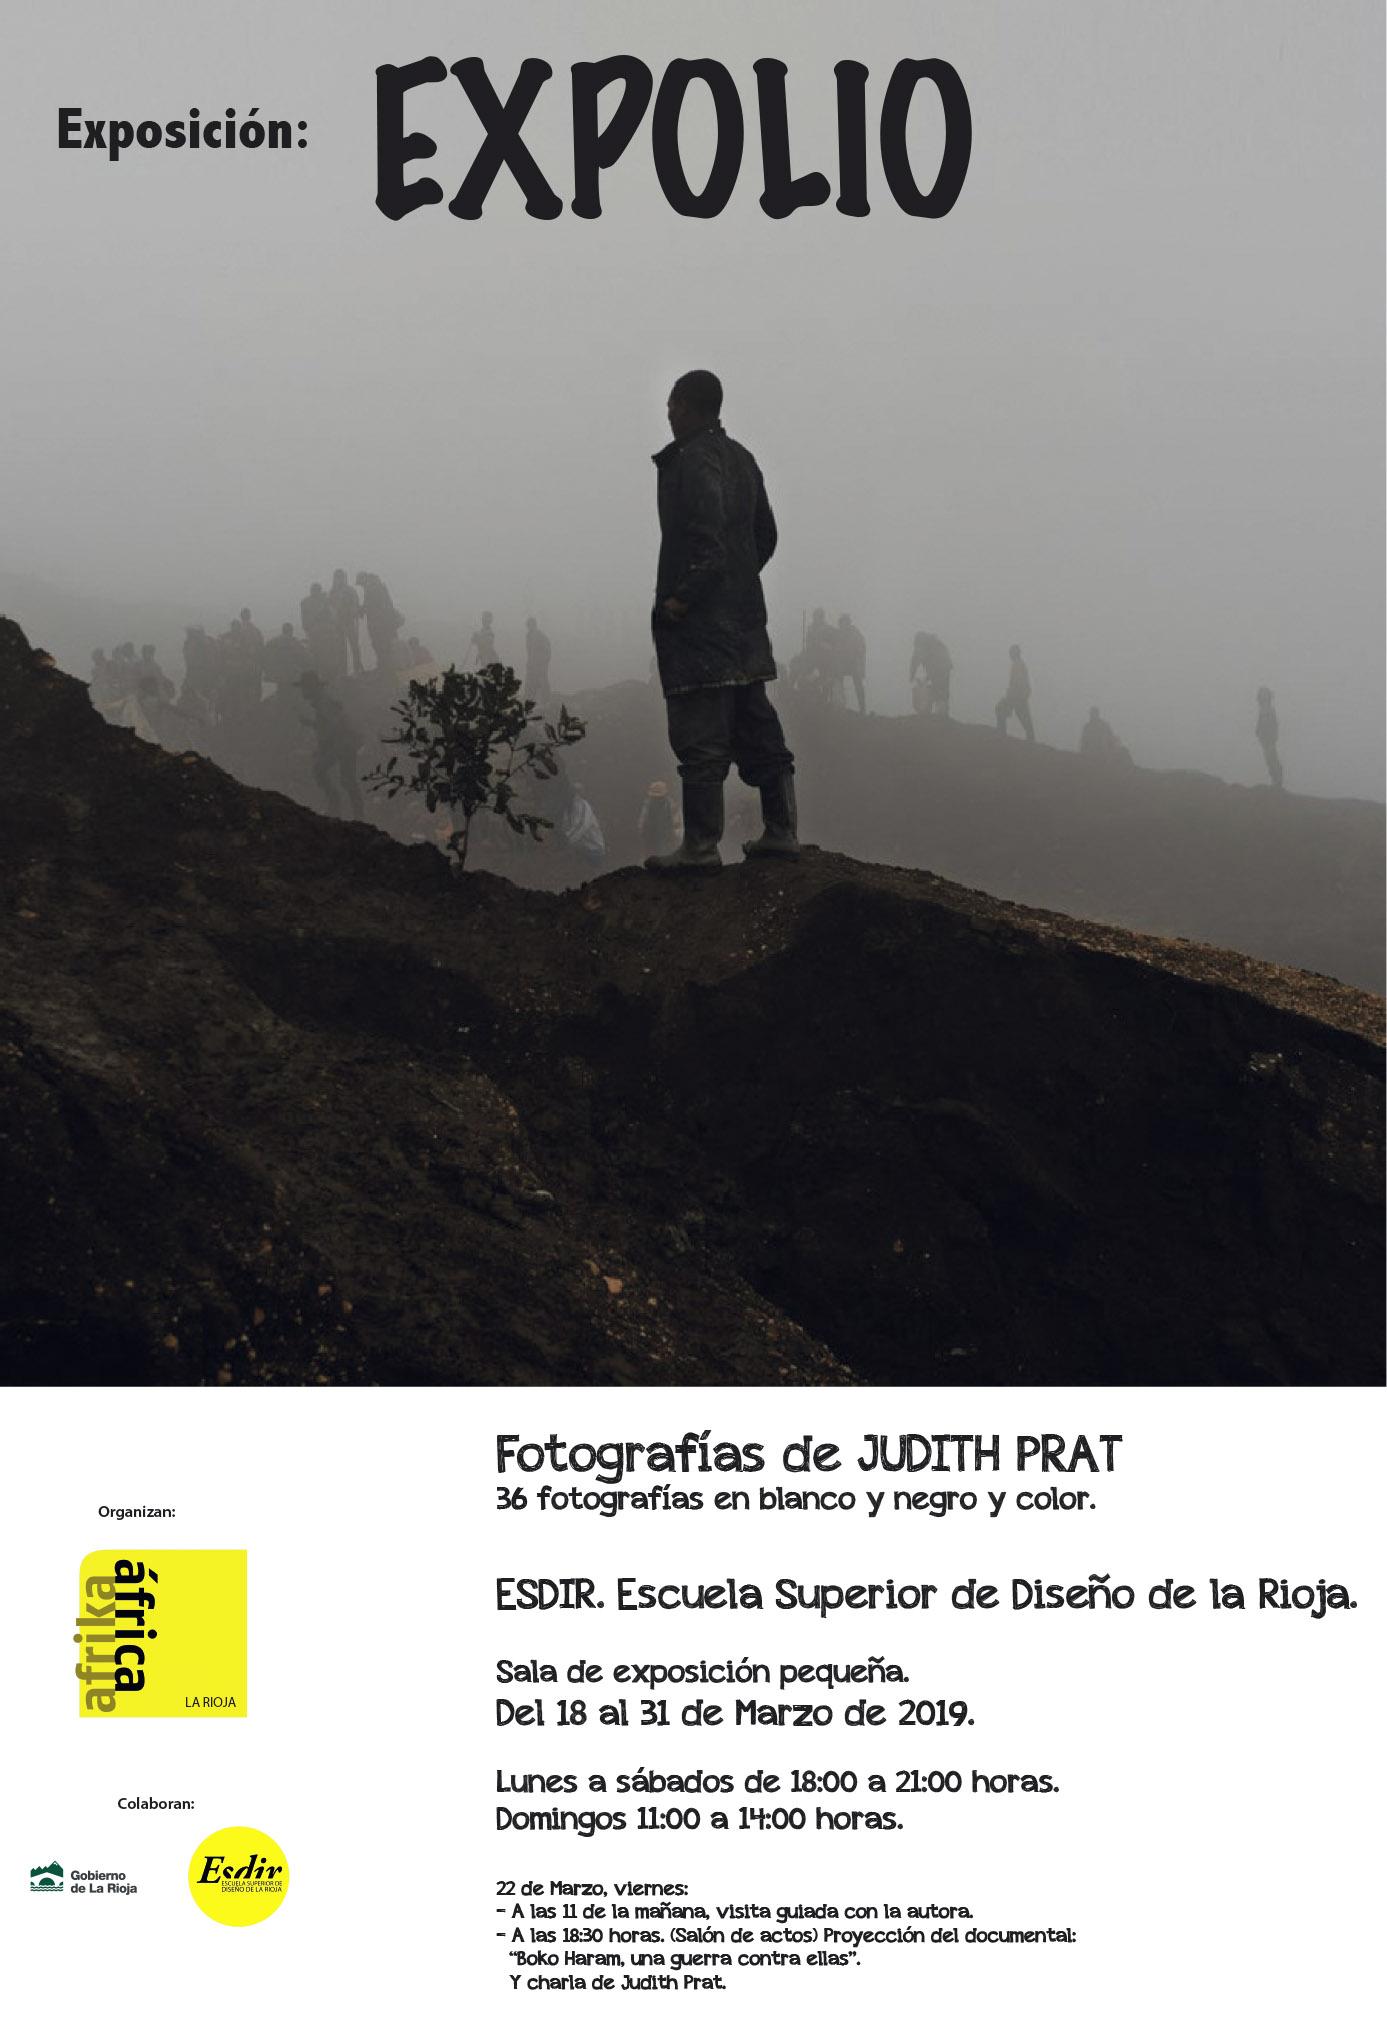 Exposición: Expolio. Fotografías de Judith Prat